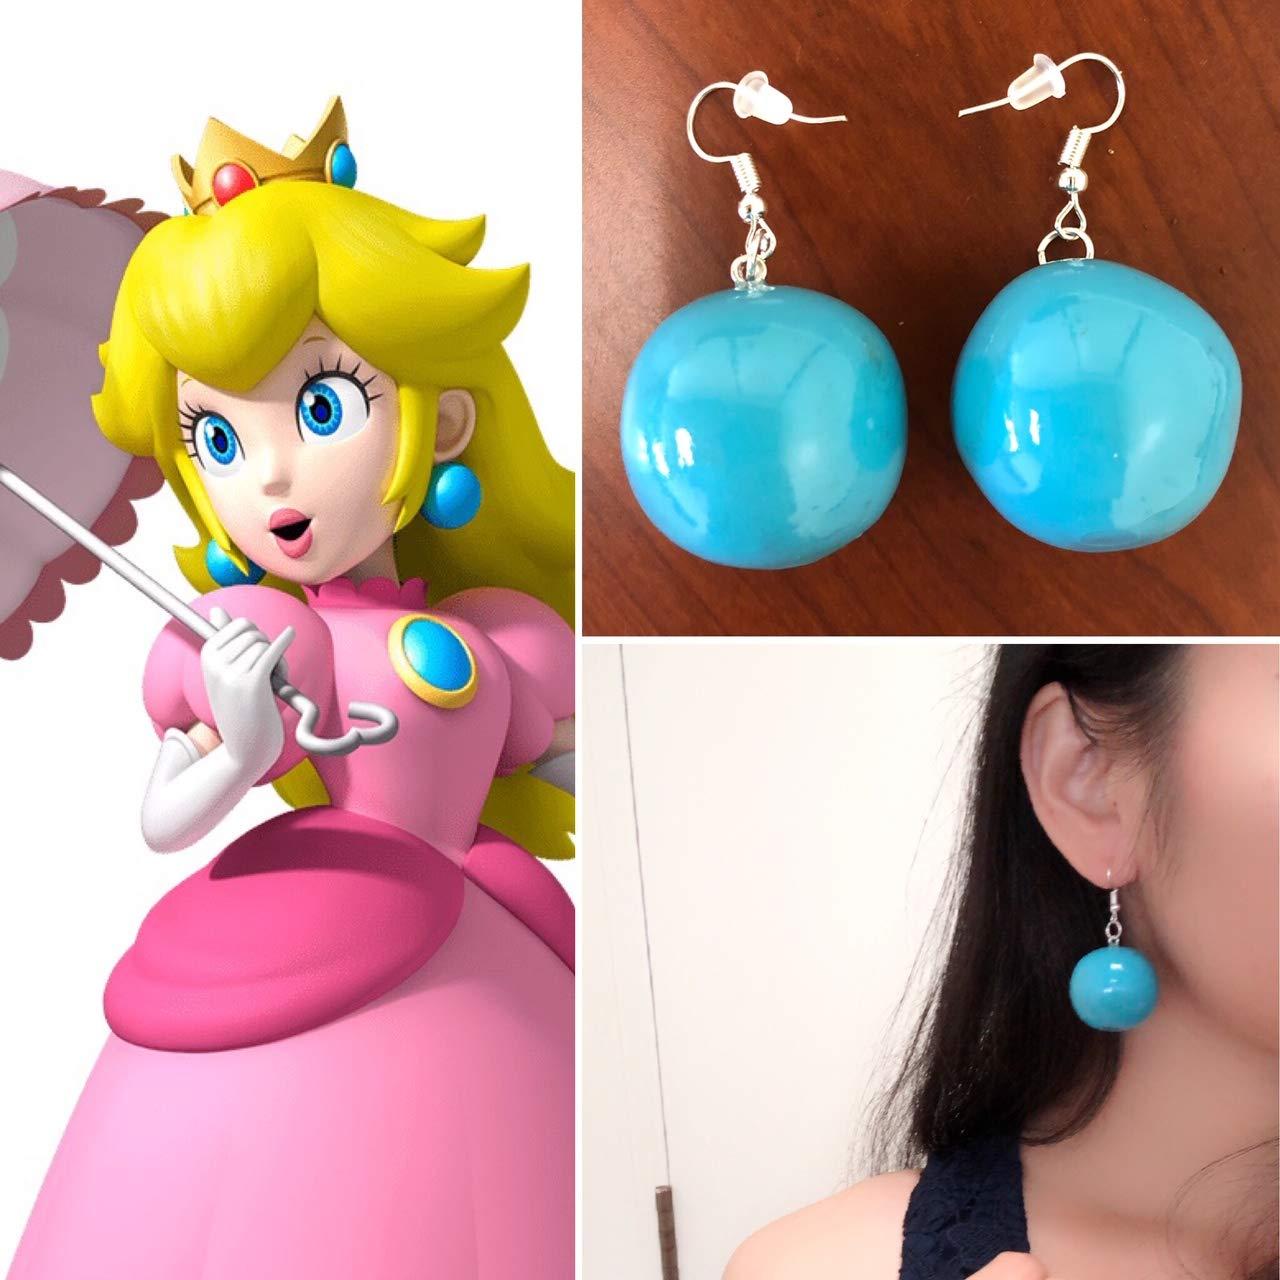 Peach Earrings, Peach Costume Accessories, Peach Earrings, Princess Peach Costume, Princess Peach Earrings